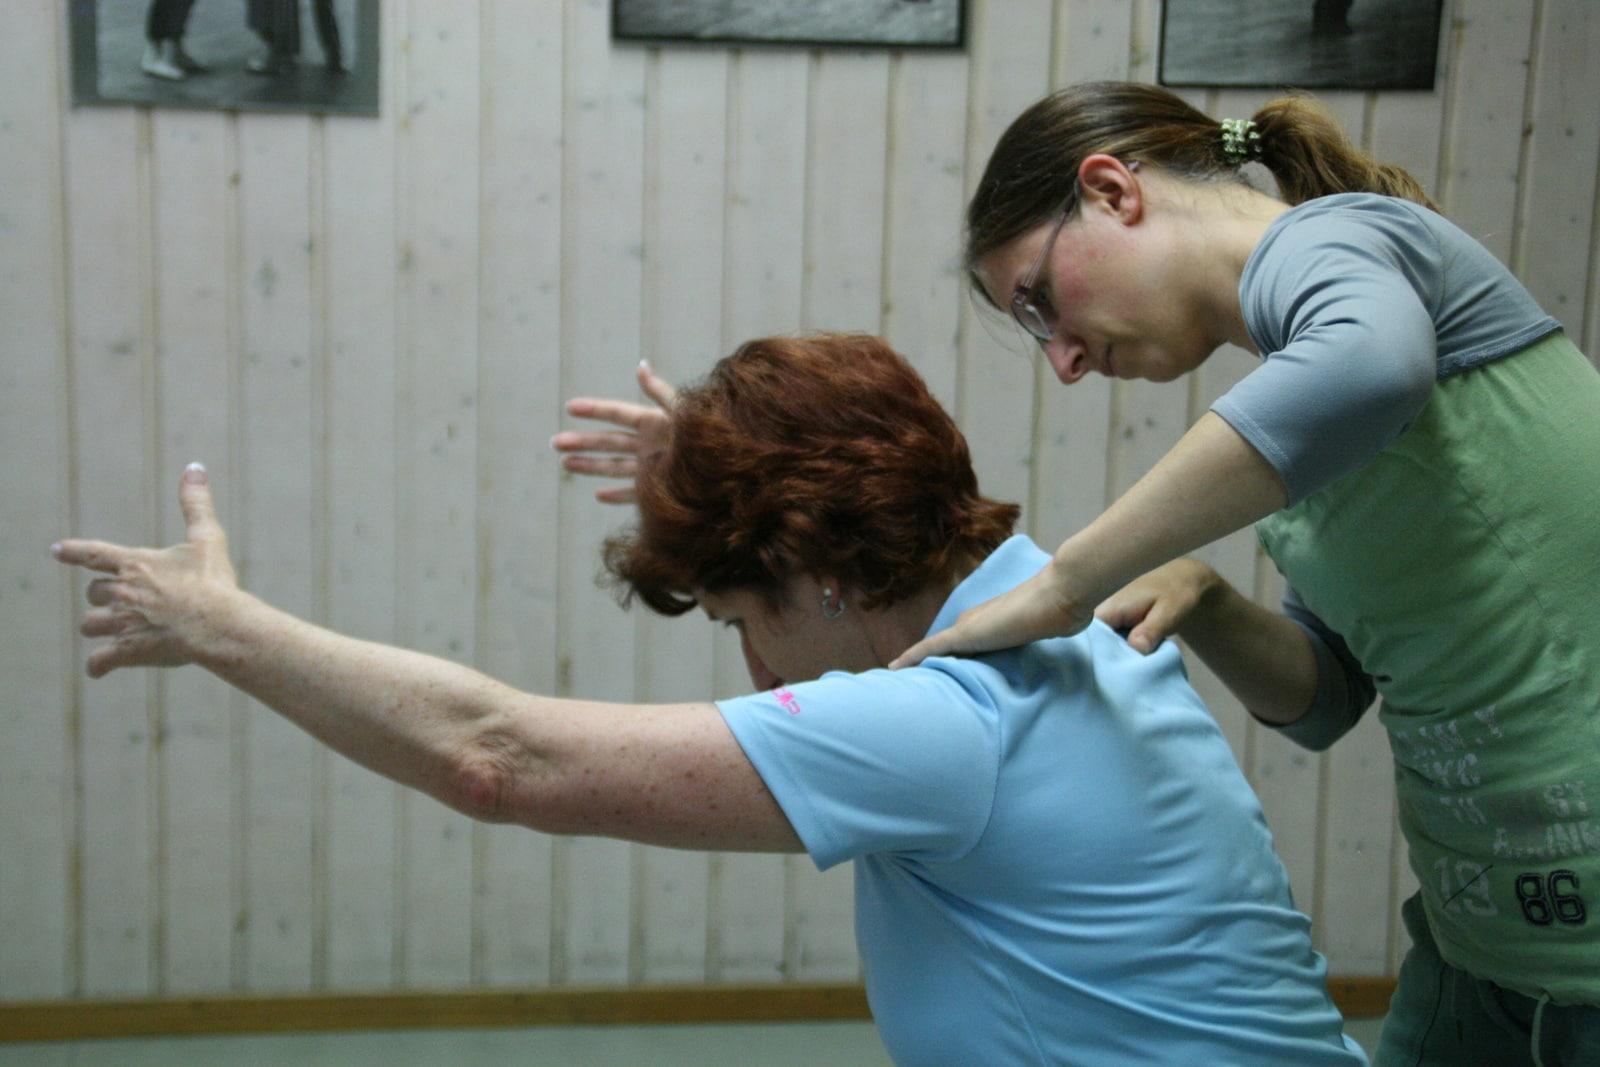 Gesund & Flexibel gesunder Rücken